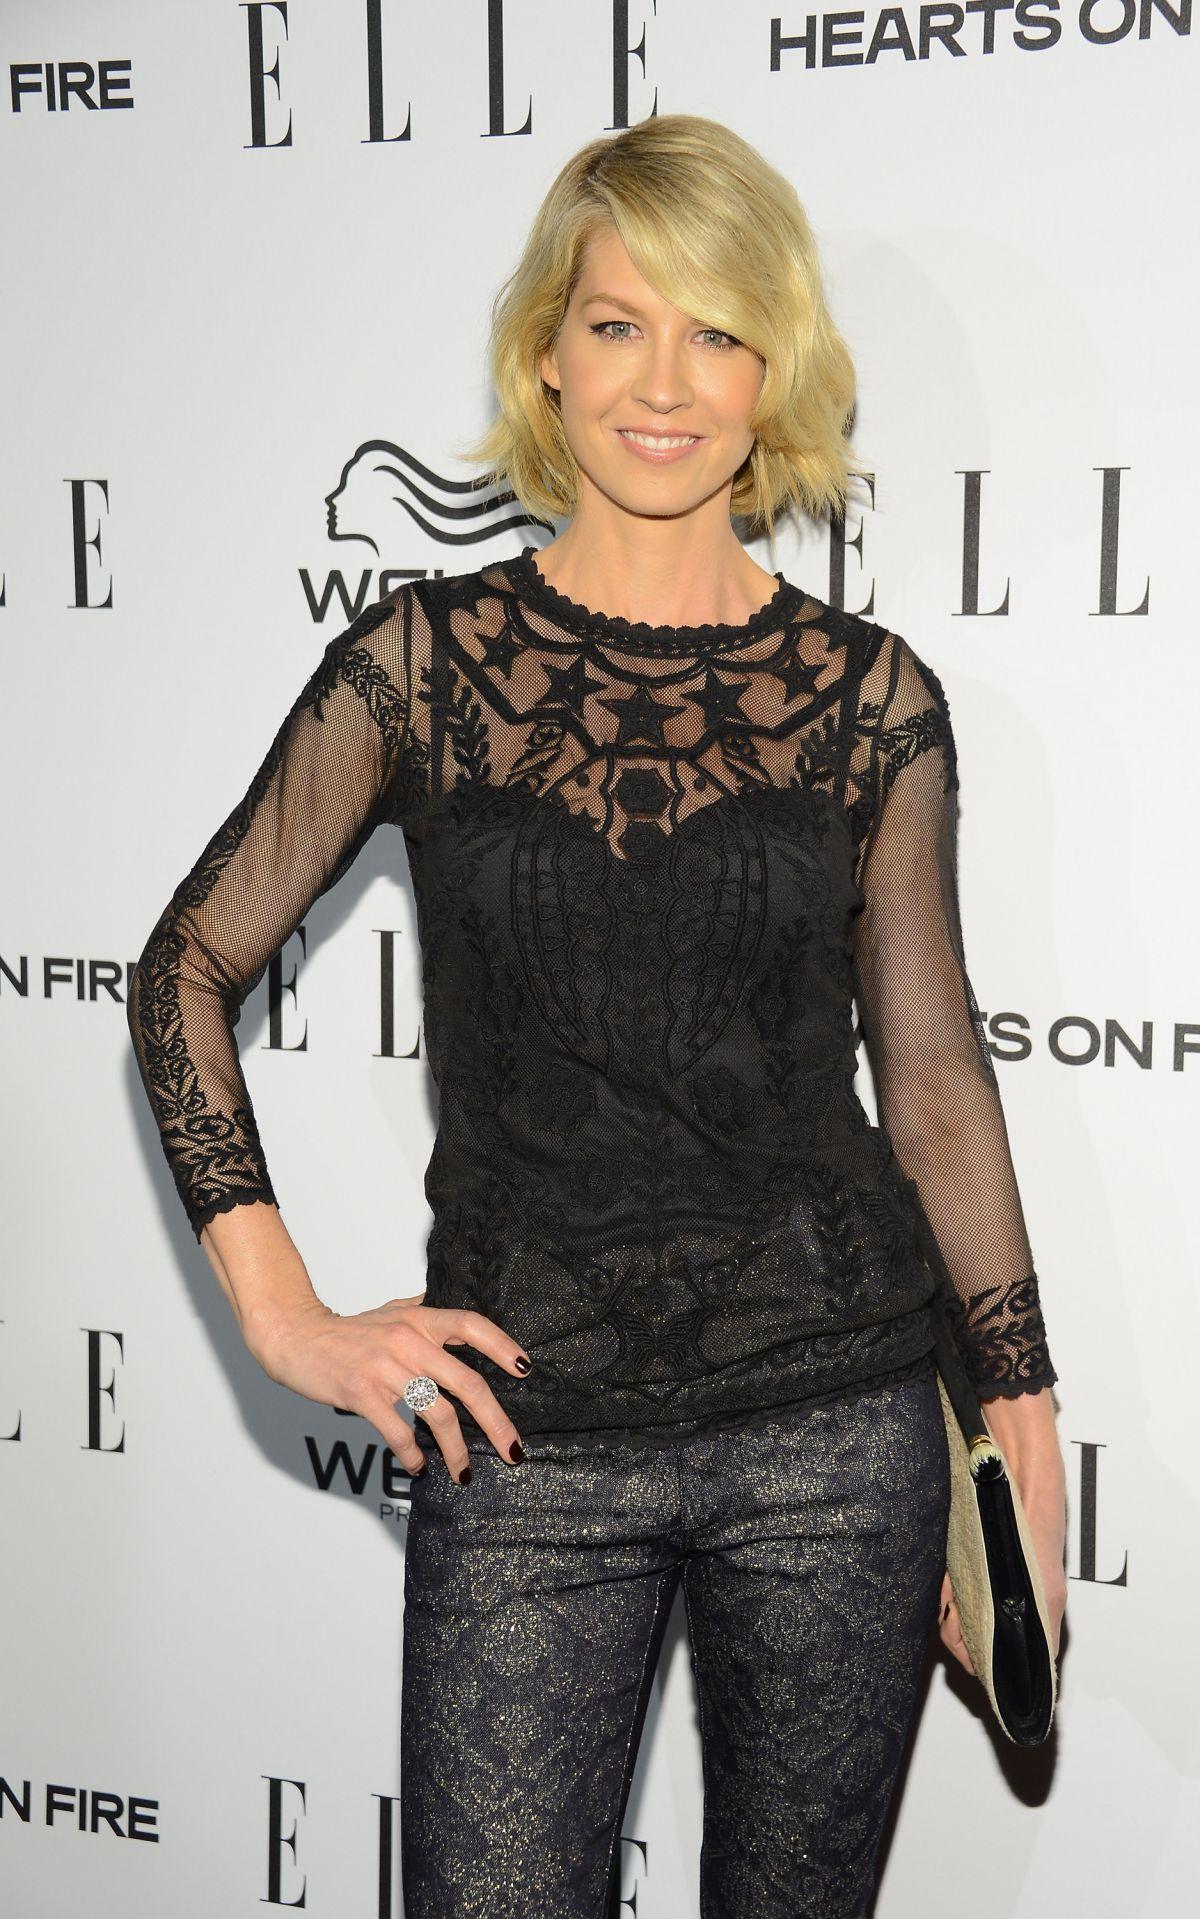 JENNA ELFMAN at Elle's Women in television Celebration